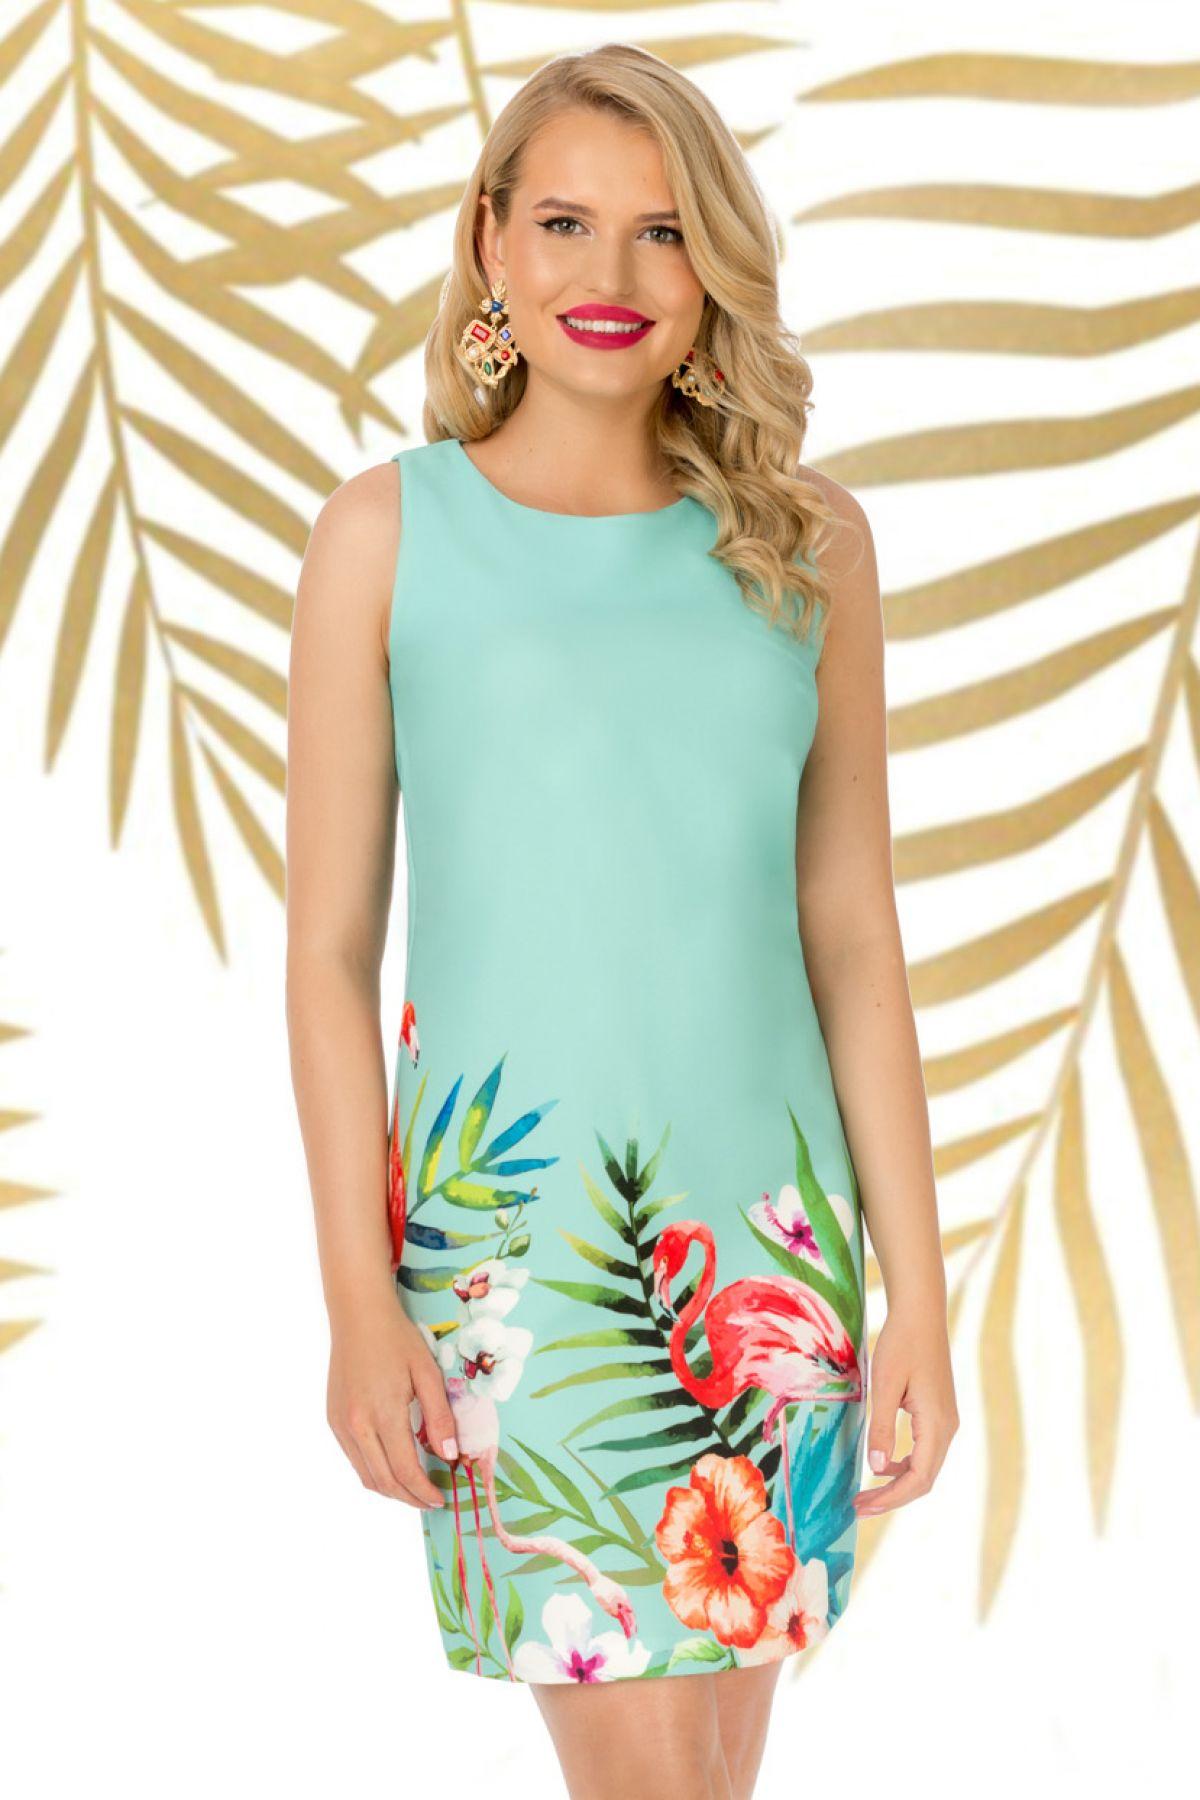 Rochie Pretty Girl de zi mint cu imprimeu flori tropicale si flamingo Pretty-Girl